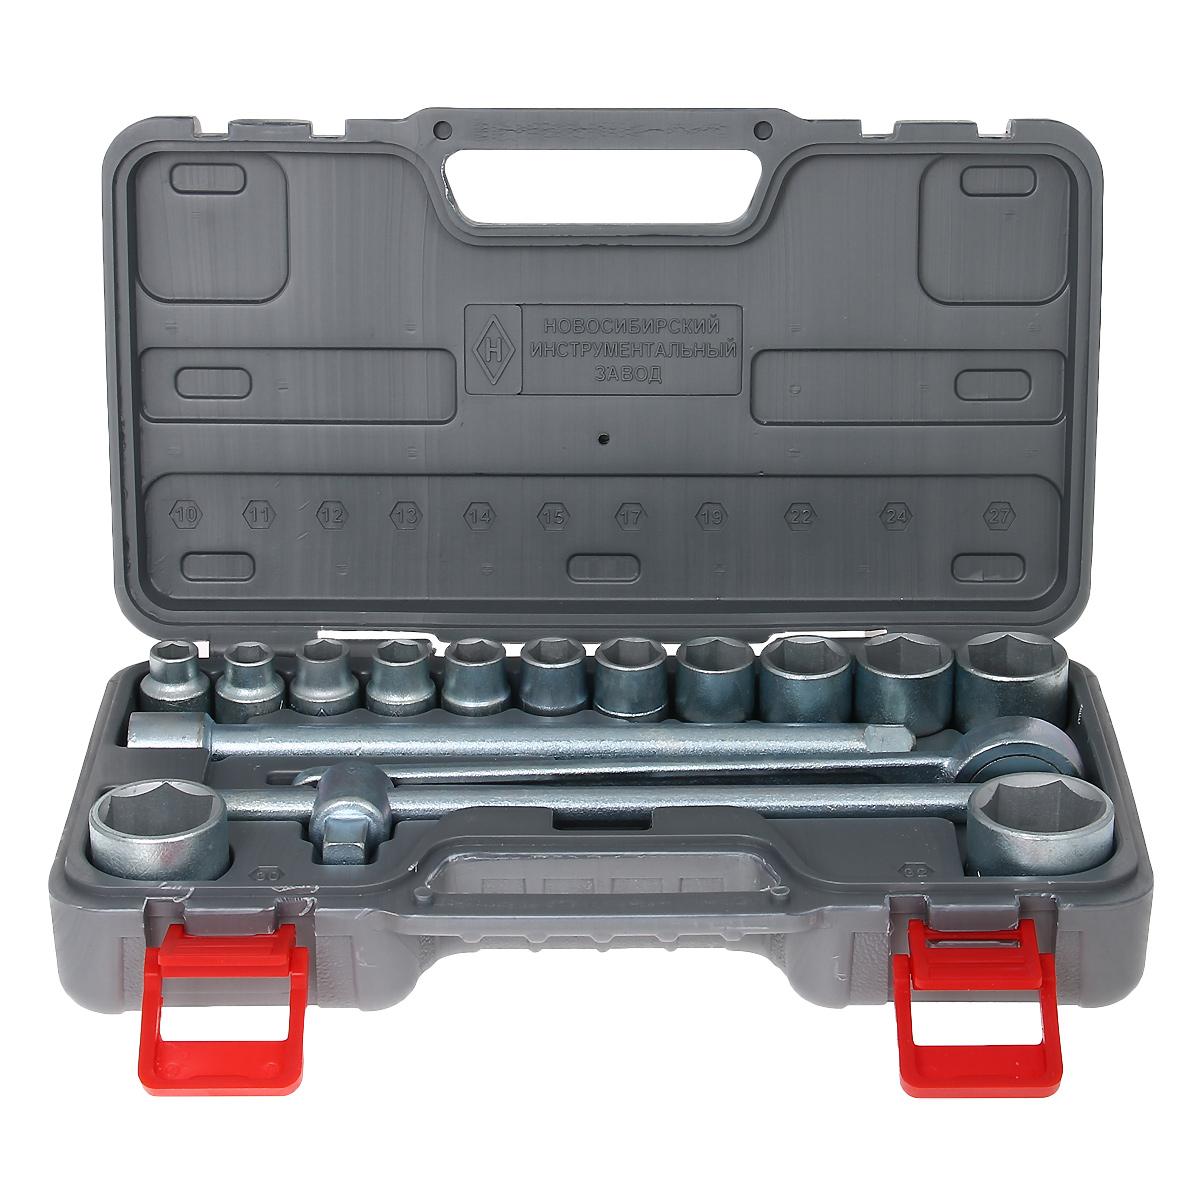 Набор шоферского инструмента № 2 НИЗ, 16 предметов14890Набор шоферского инструмента № 2 НИЗ включает: - головки сменные 1/2 10, 11, 12, 13, 14, 15, 17, 19, 22, 24, 27, 30 и 32 мм, - ключ с присоединительным квадратом 1/2,- трещоточный ключ 1/2,- удлинитель 250 мм 1/2.Все инструменты изготовлены из инструментальной стали 40Х и оцинкованы. Набор укомплектован в пластиковый кейс. Материал: инструментальная сталь, пластик.